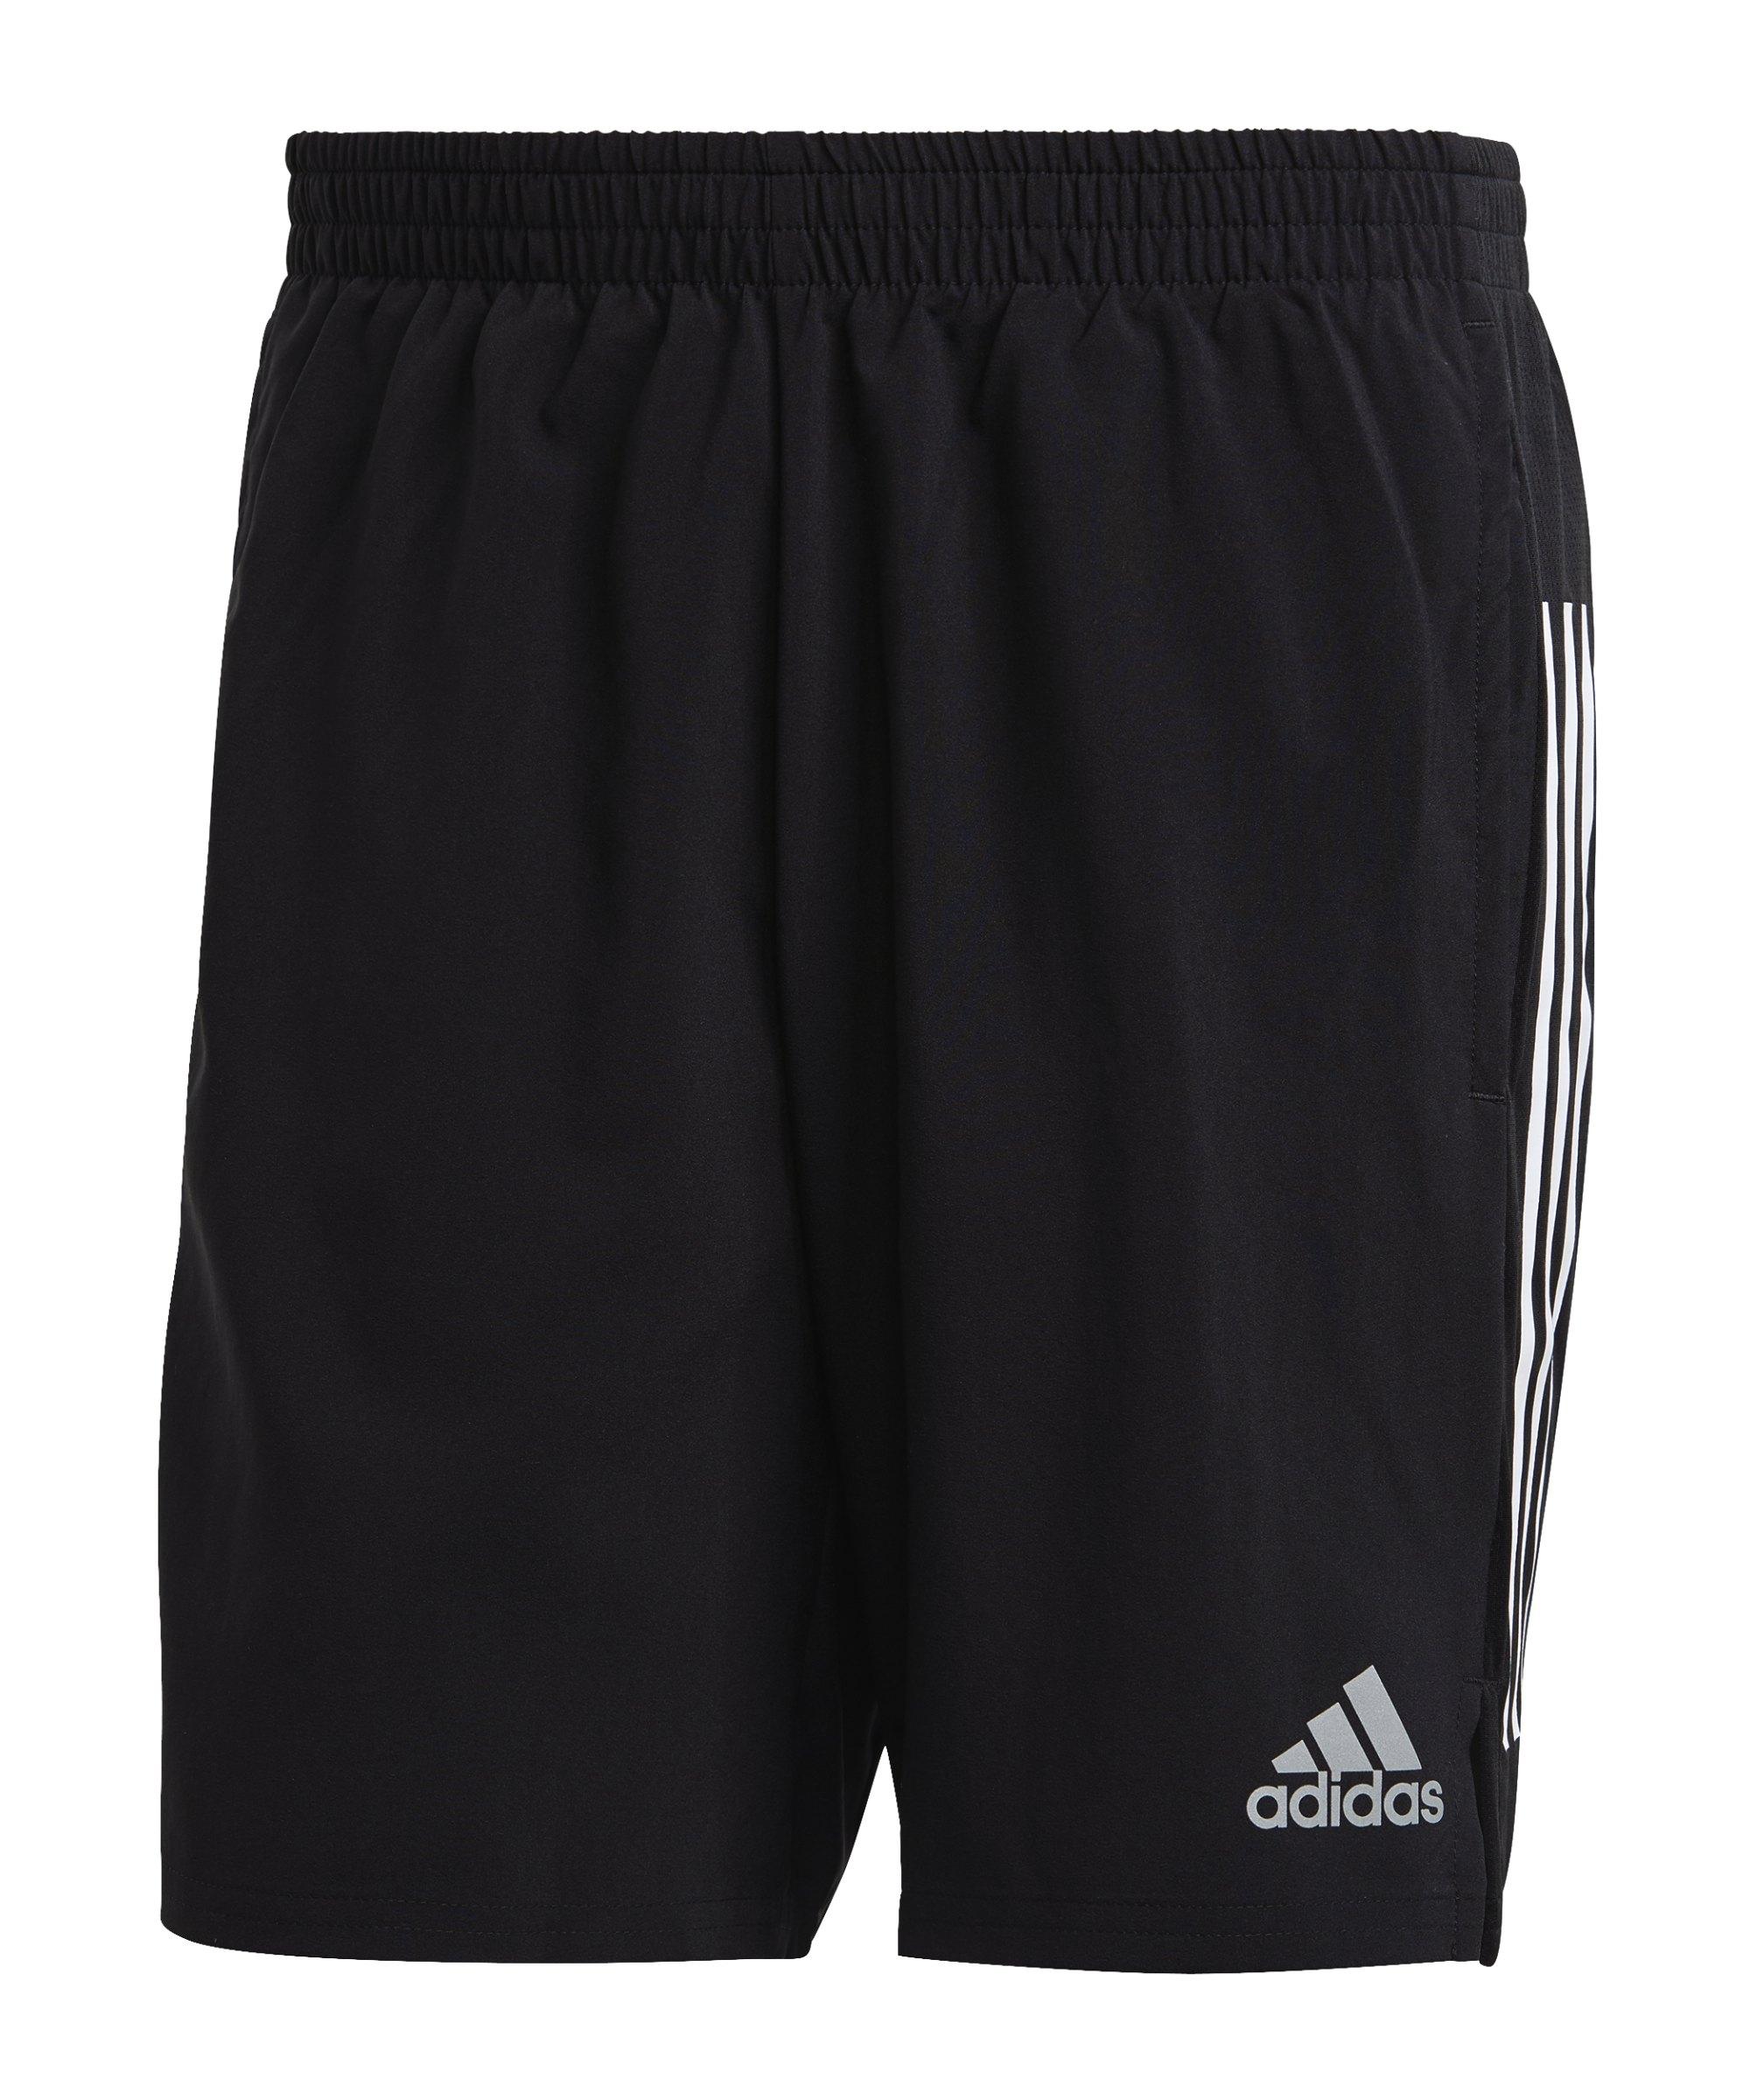 adidas Own the Running Short Schwarz - schwarz